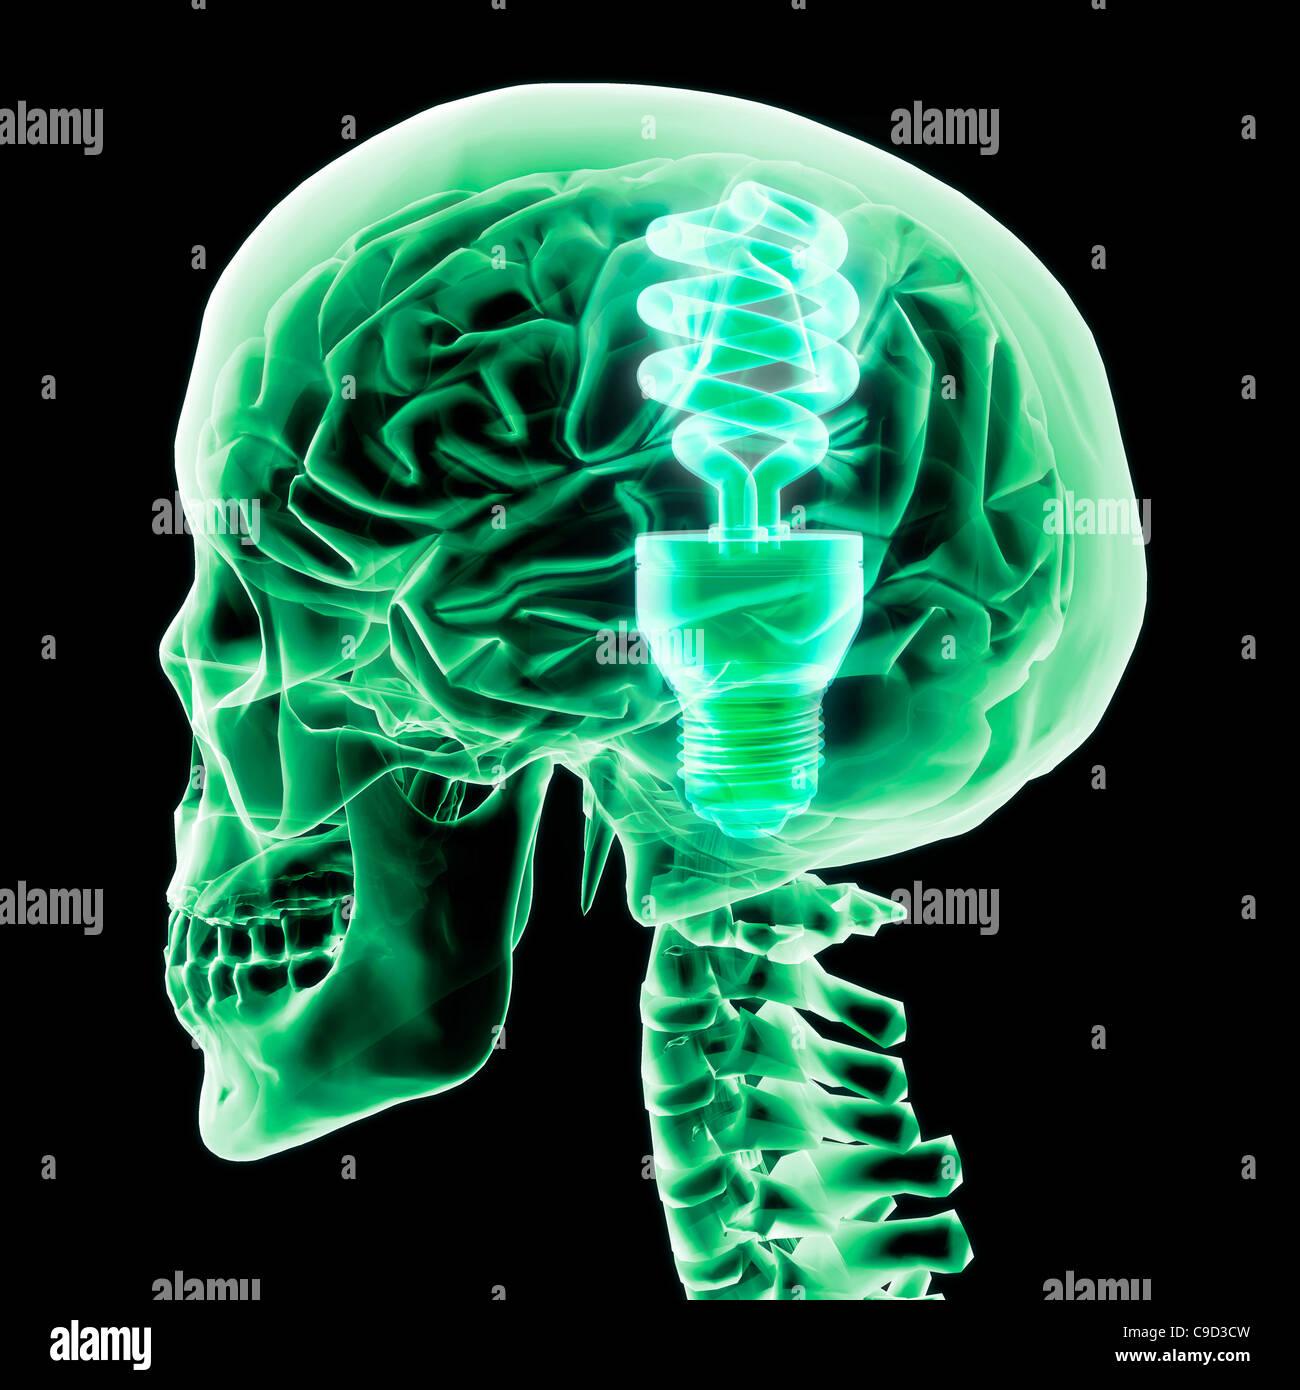 Cervello con luce verde lampadina II, in modo digitale immagine generata da Hank Grebe Immagini Stock